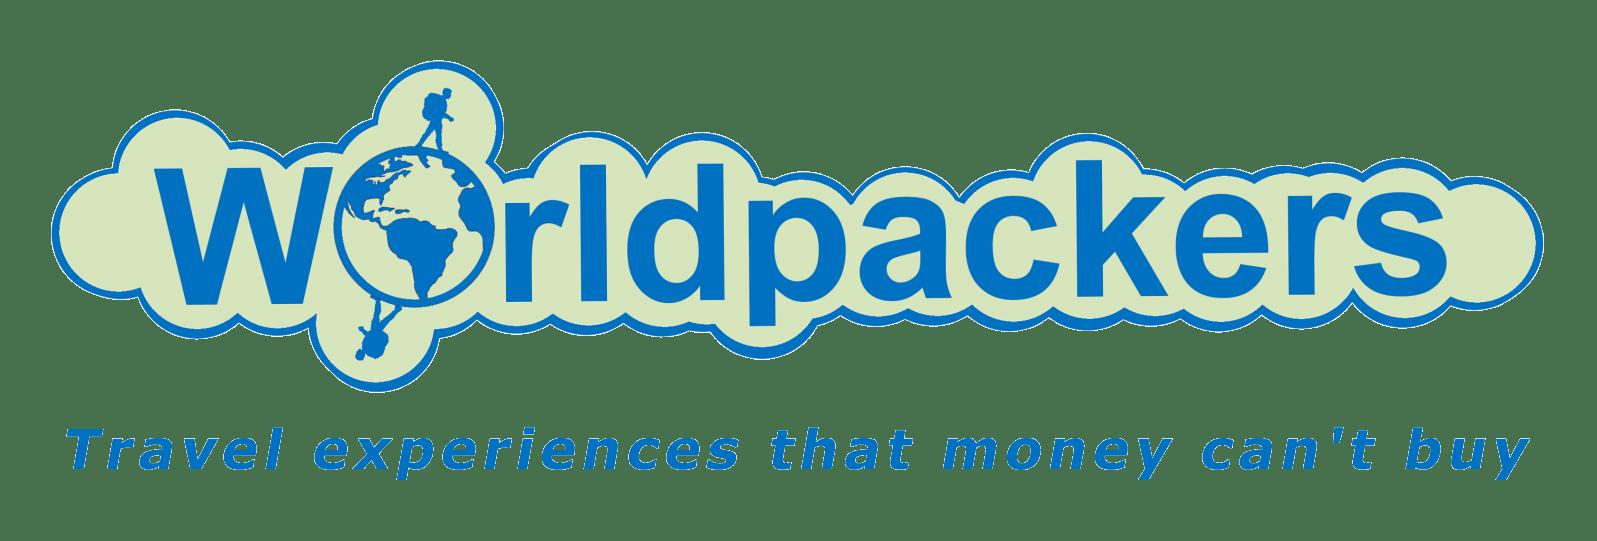 worldpackers-1